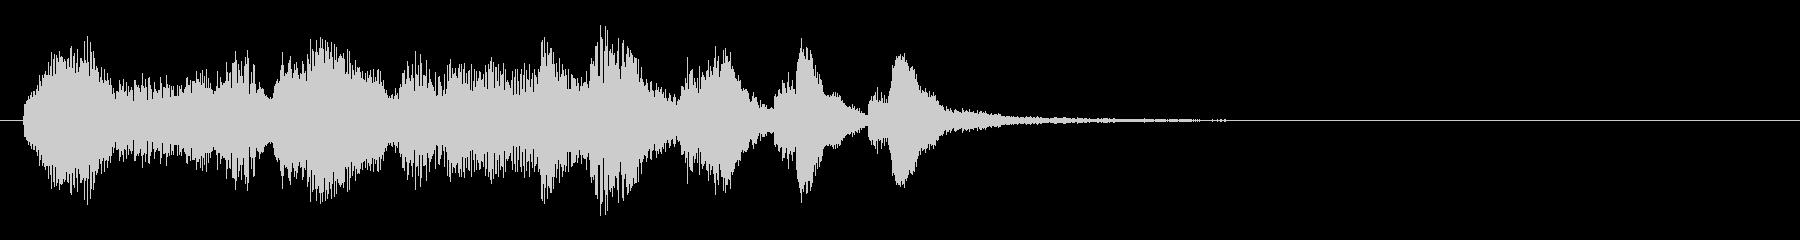 のほほんジングル014_クリア+3の未再生の波形